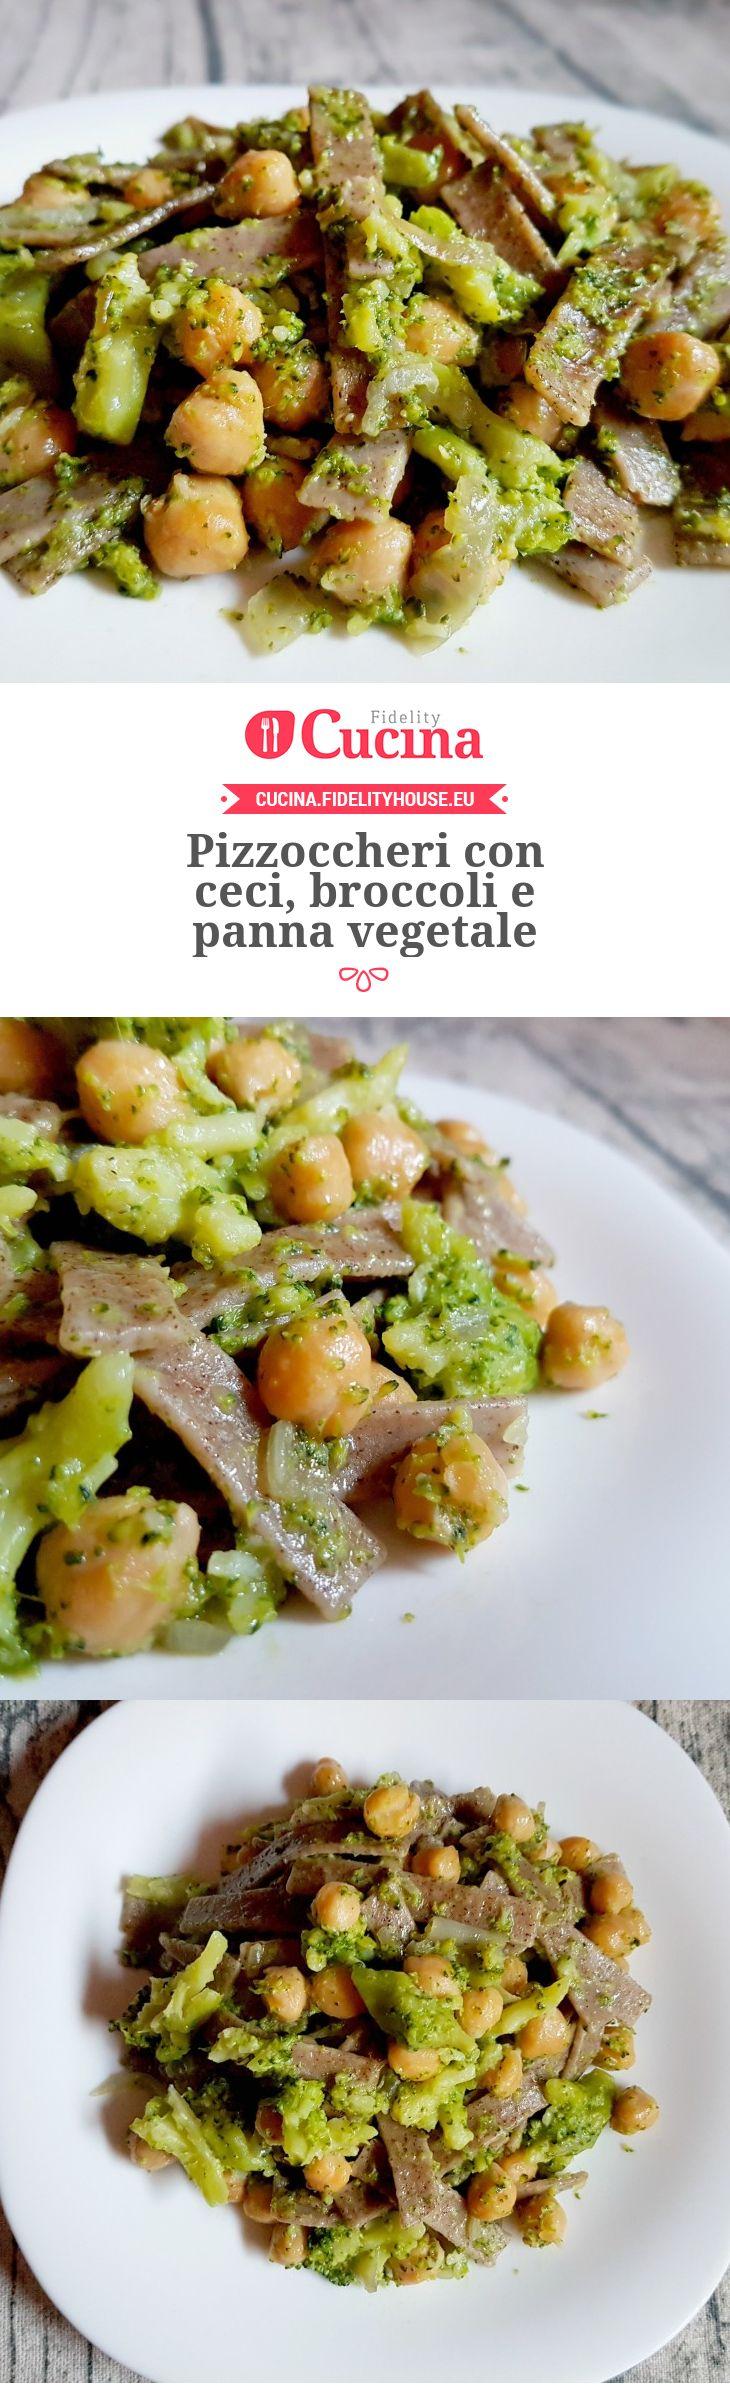 Pizzoccheri con ceci, broccoli e panna vegetale della nostra utente Monica. Unisciti alla nostra Community ed invia le tue ricette!